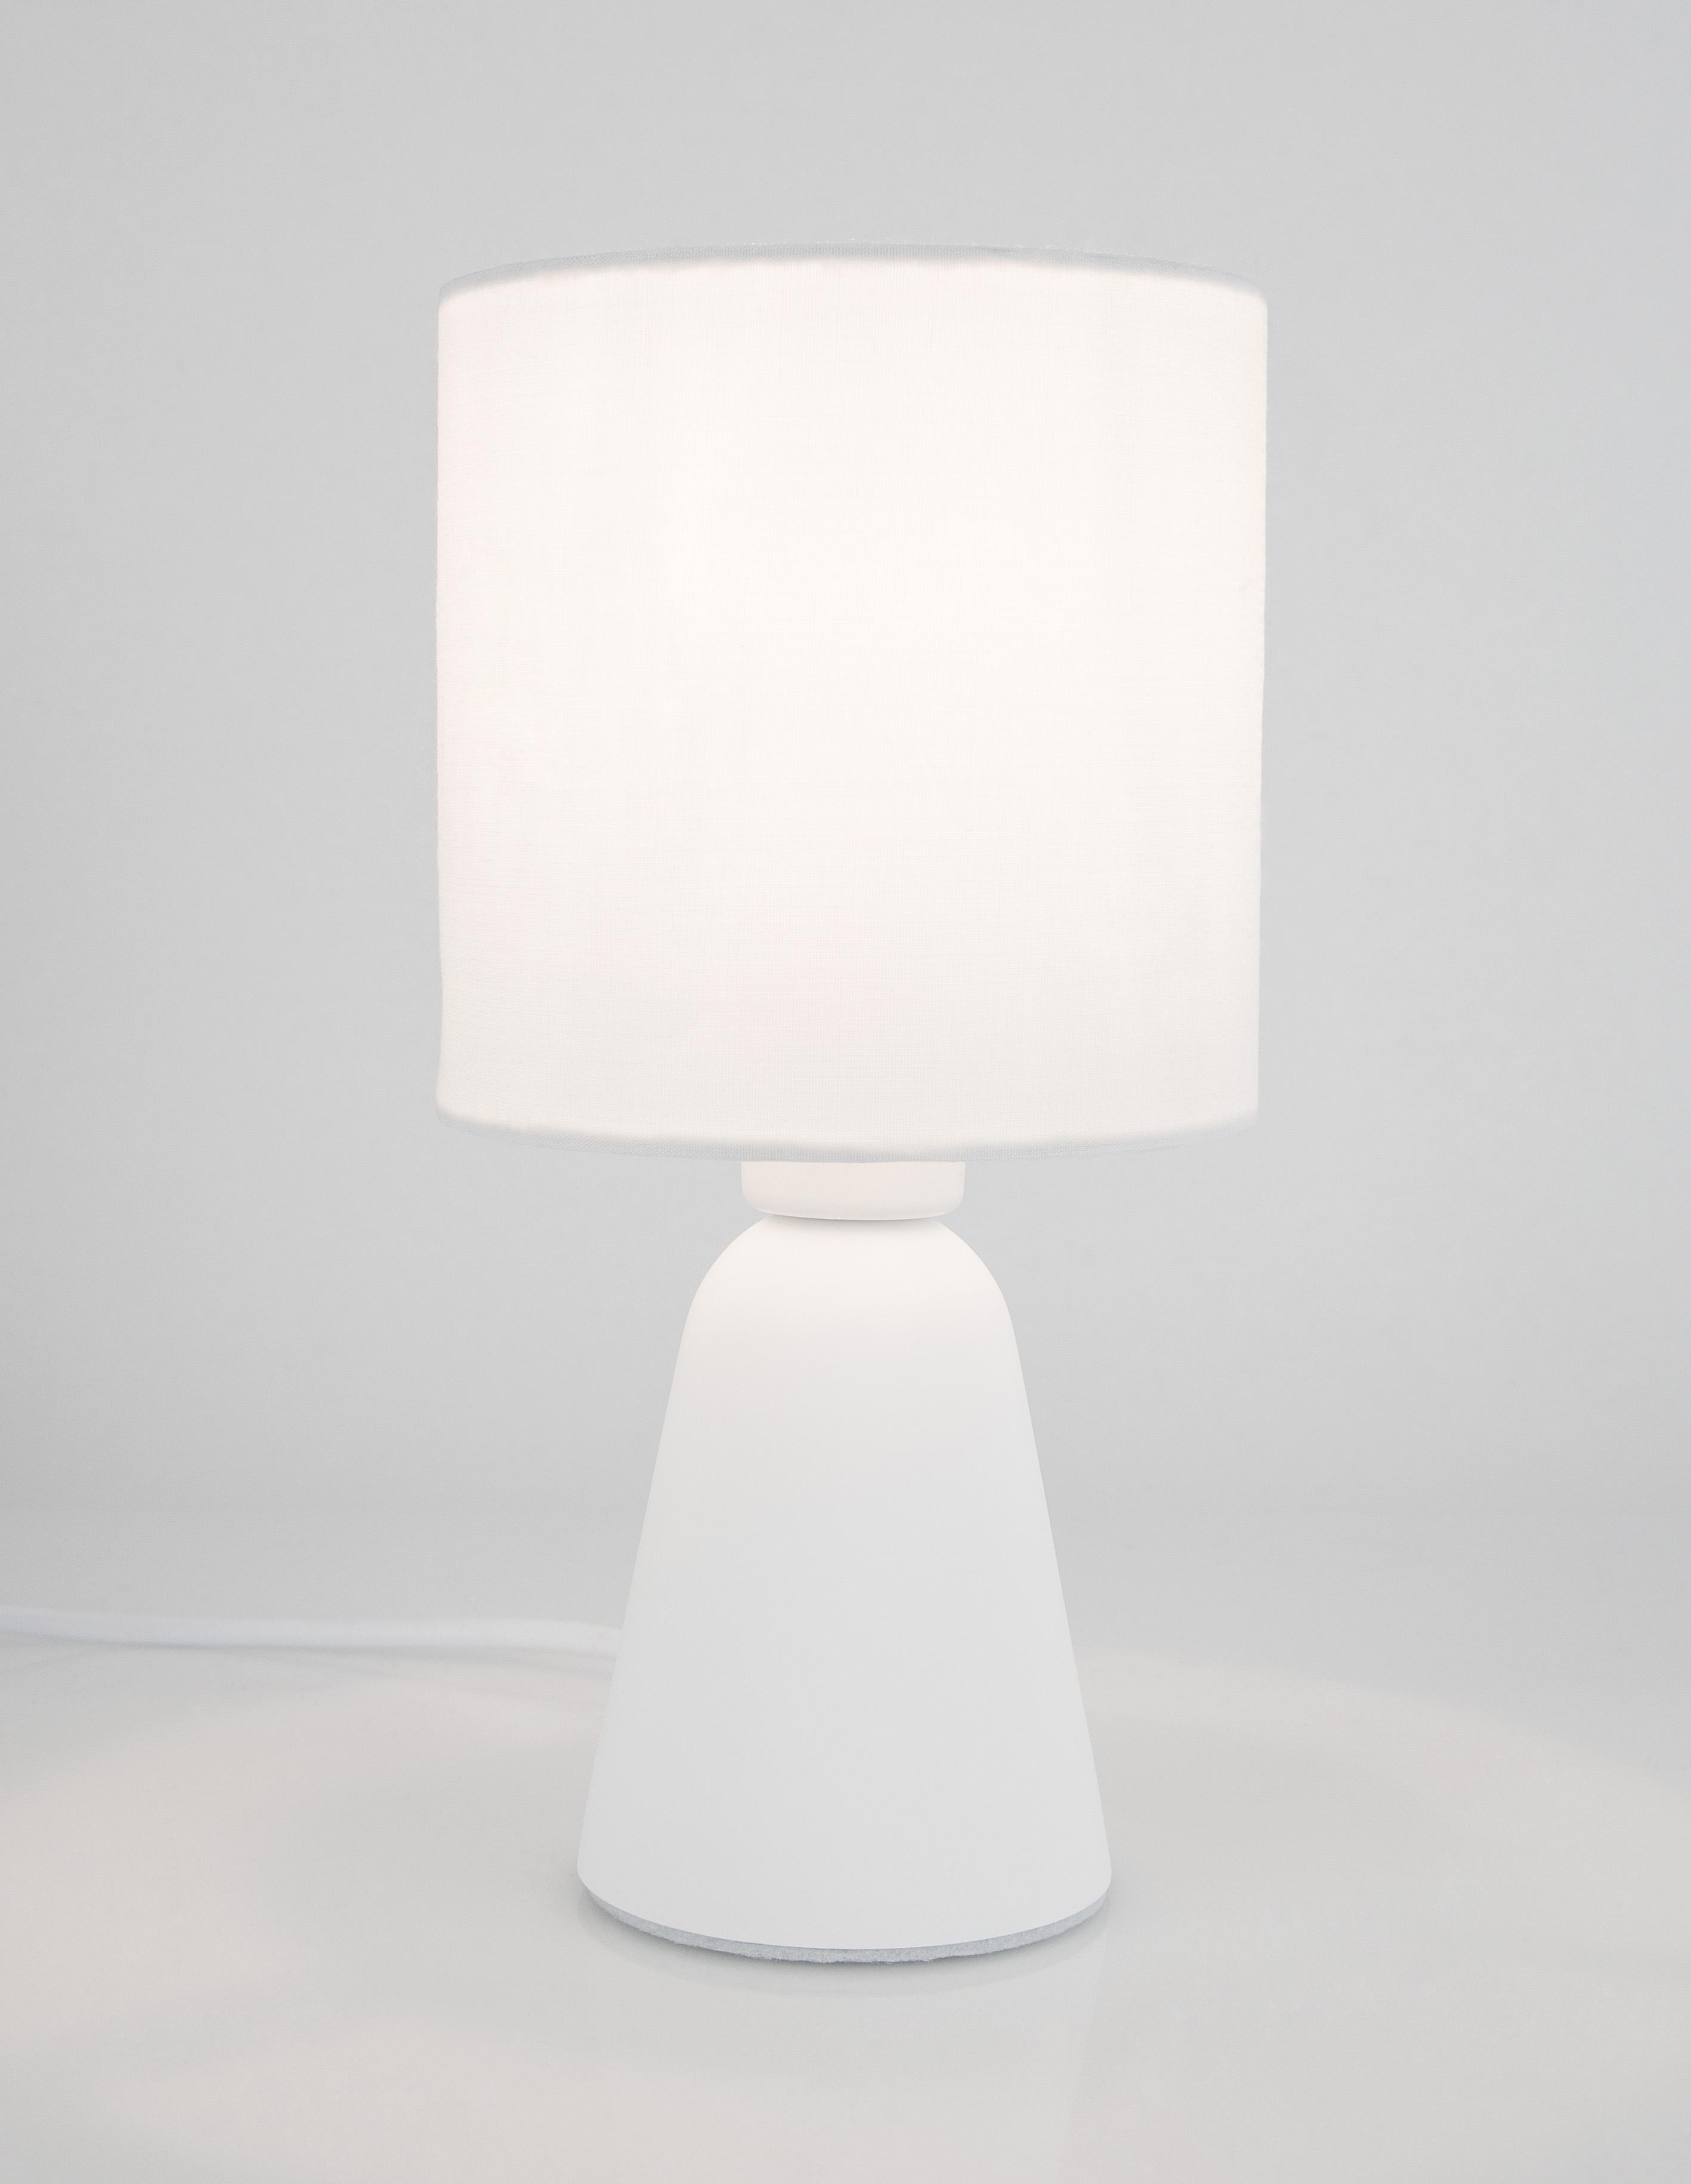 Nova Luce NL-9577162 Zero asztali lámpa